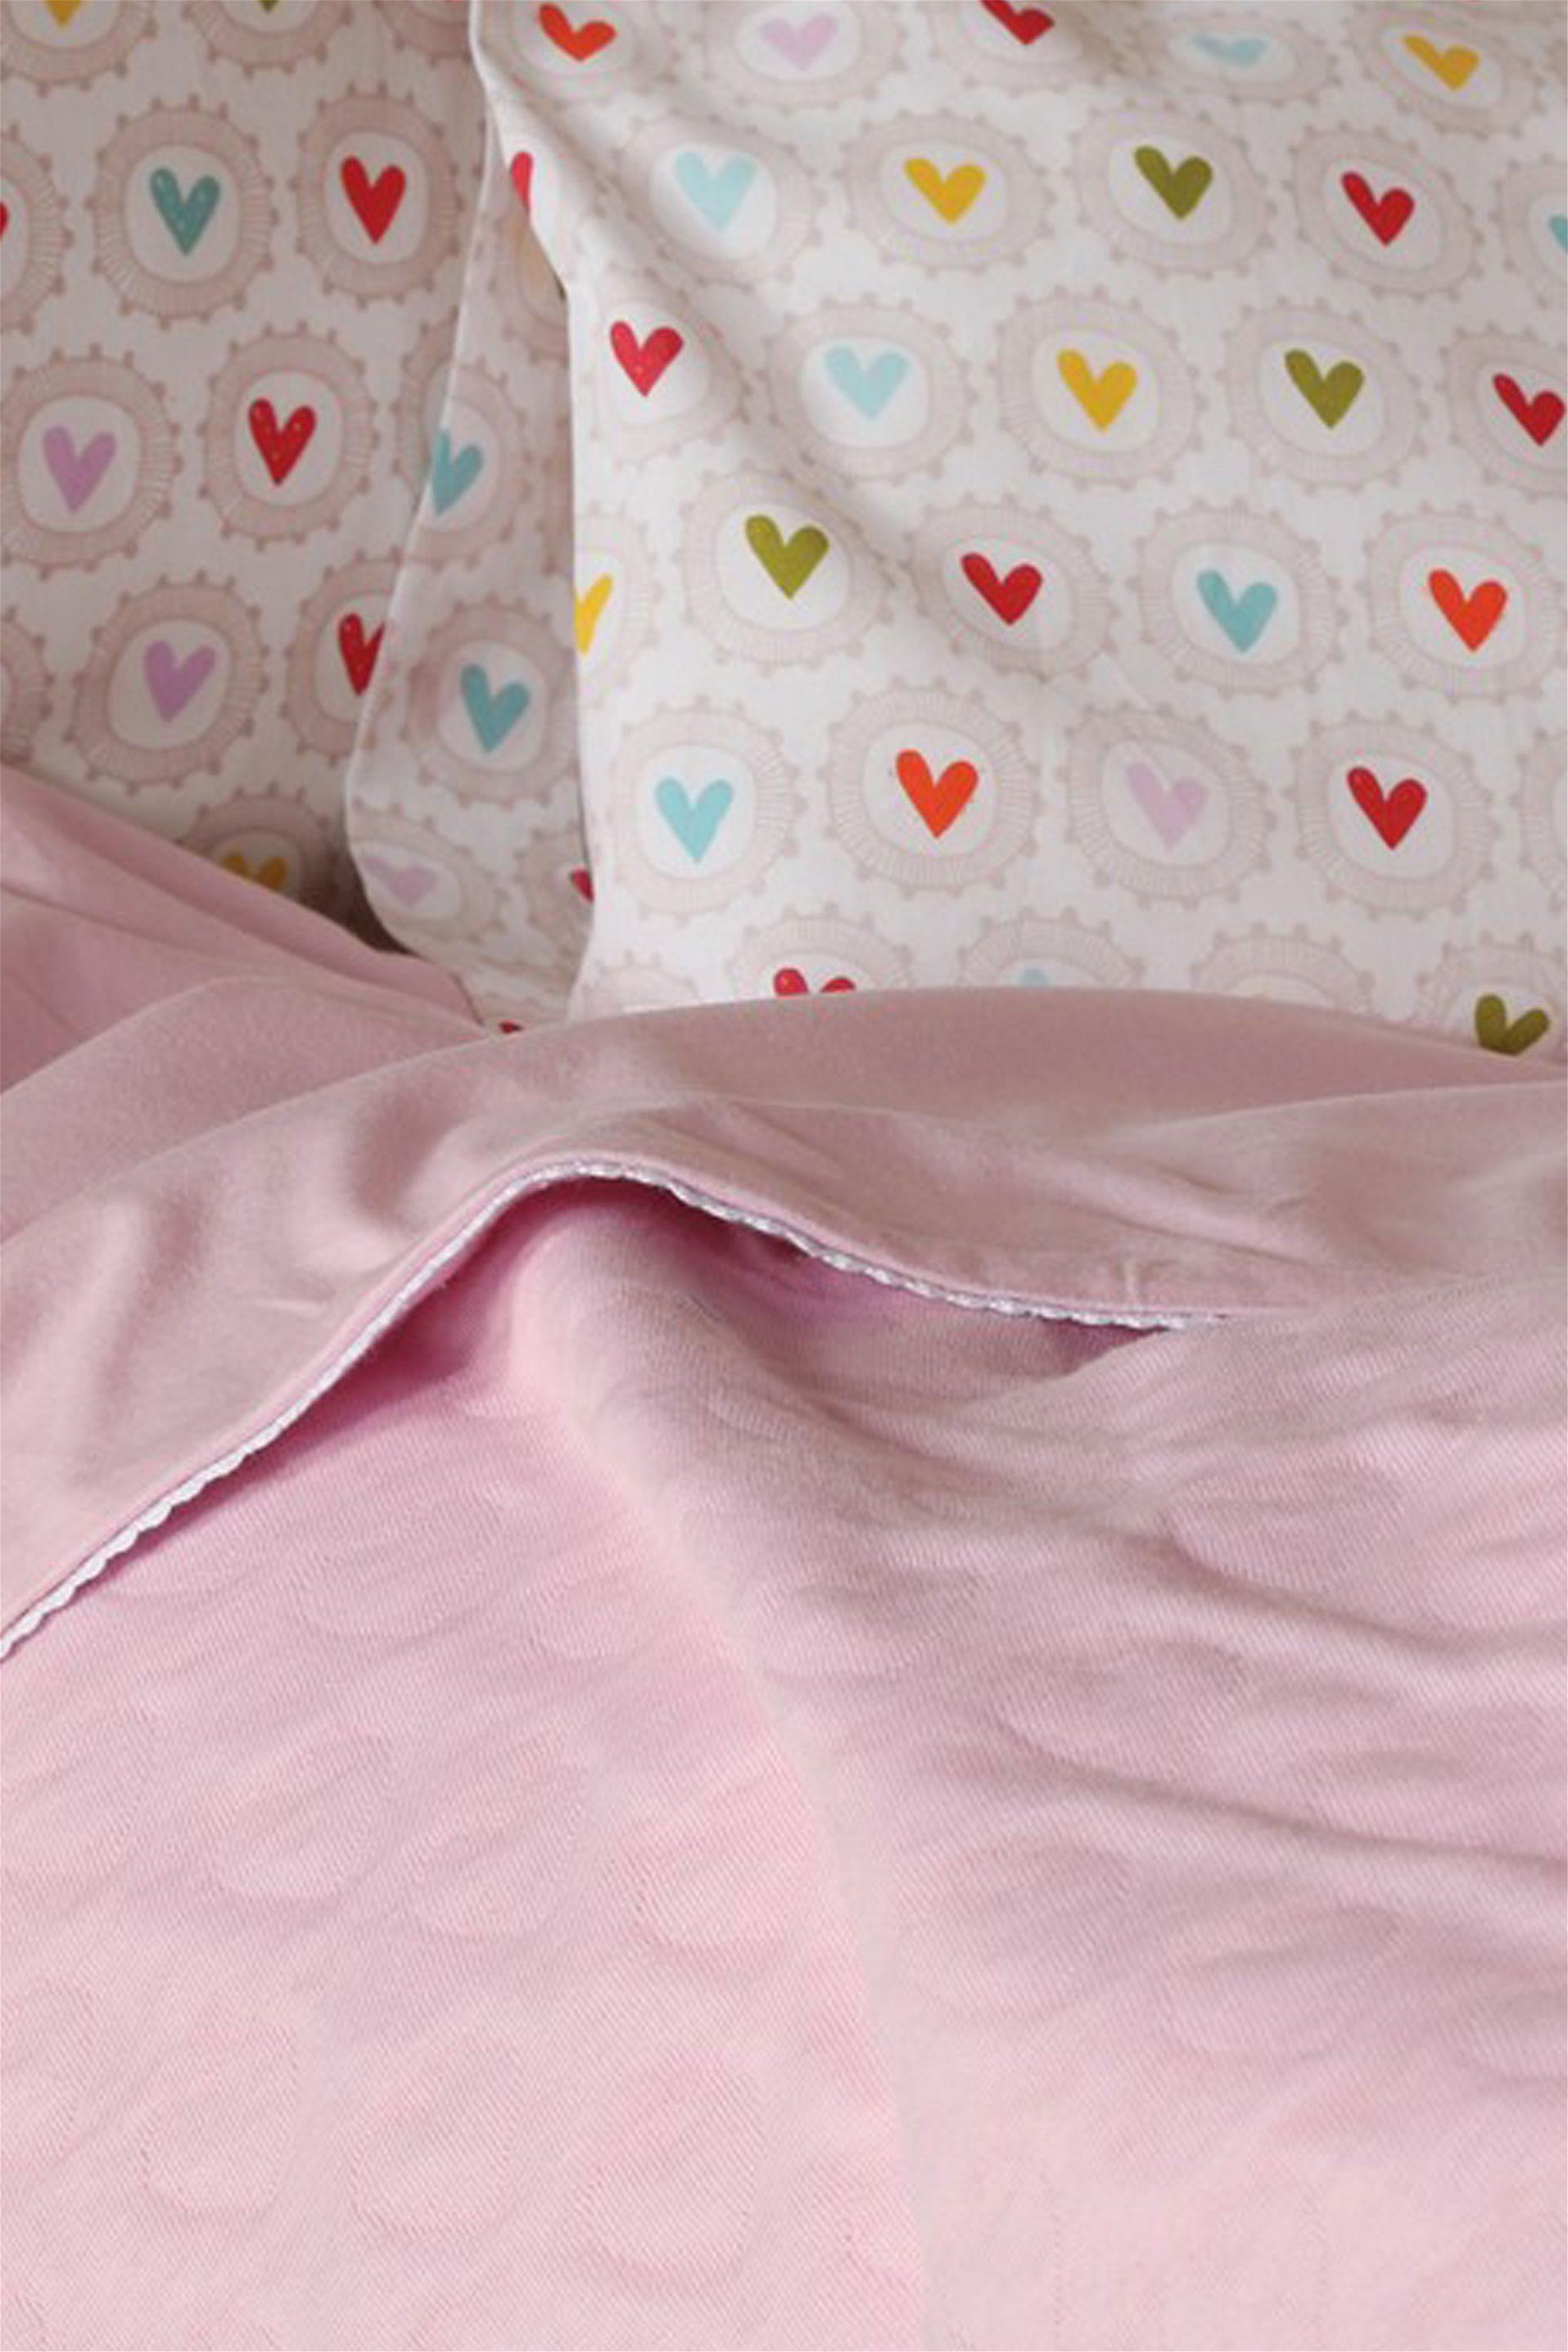 Βρεφική ροζ κουβέρτα κούνιας Cute Heart NEF-NEF - 017006 - Ροζ home   παιδια   κουβέρτες